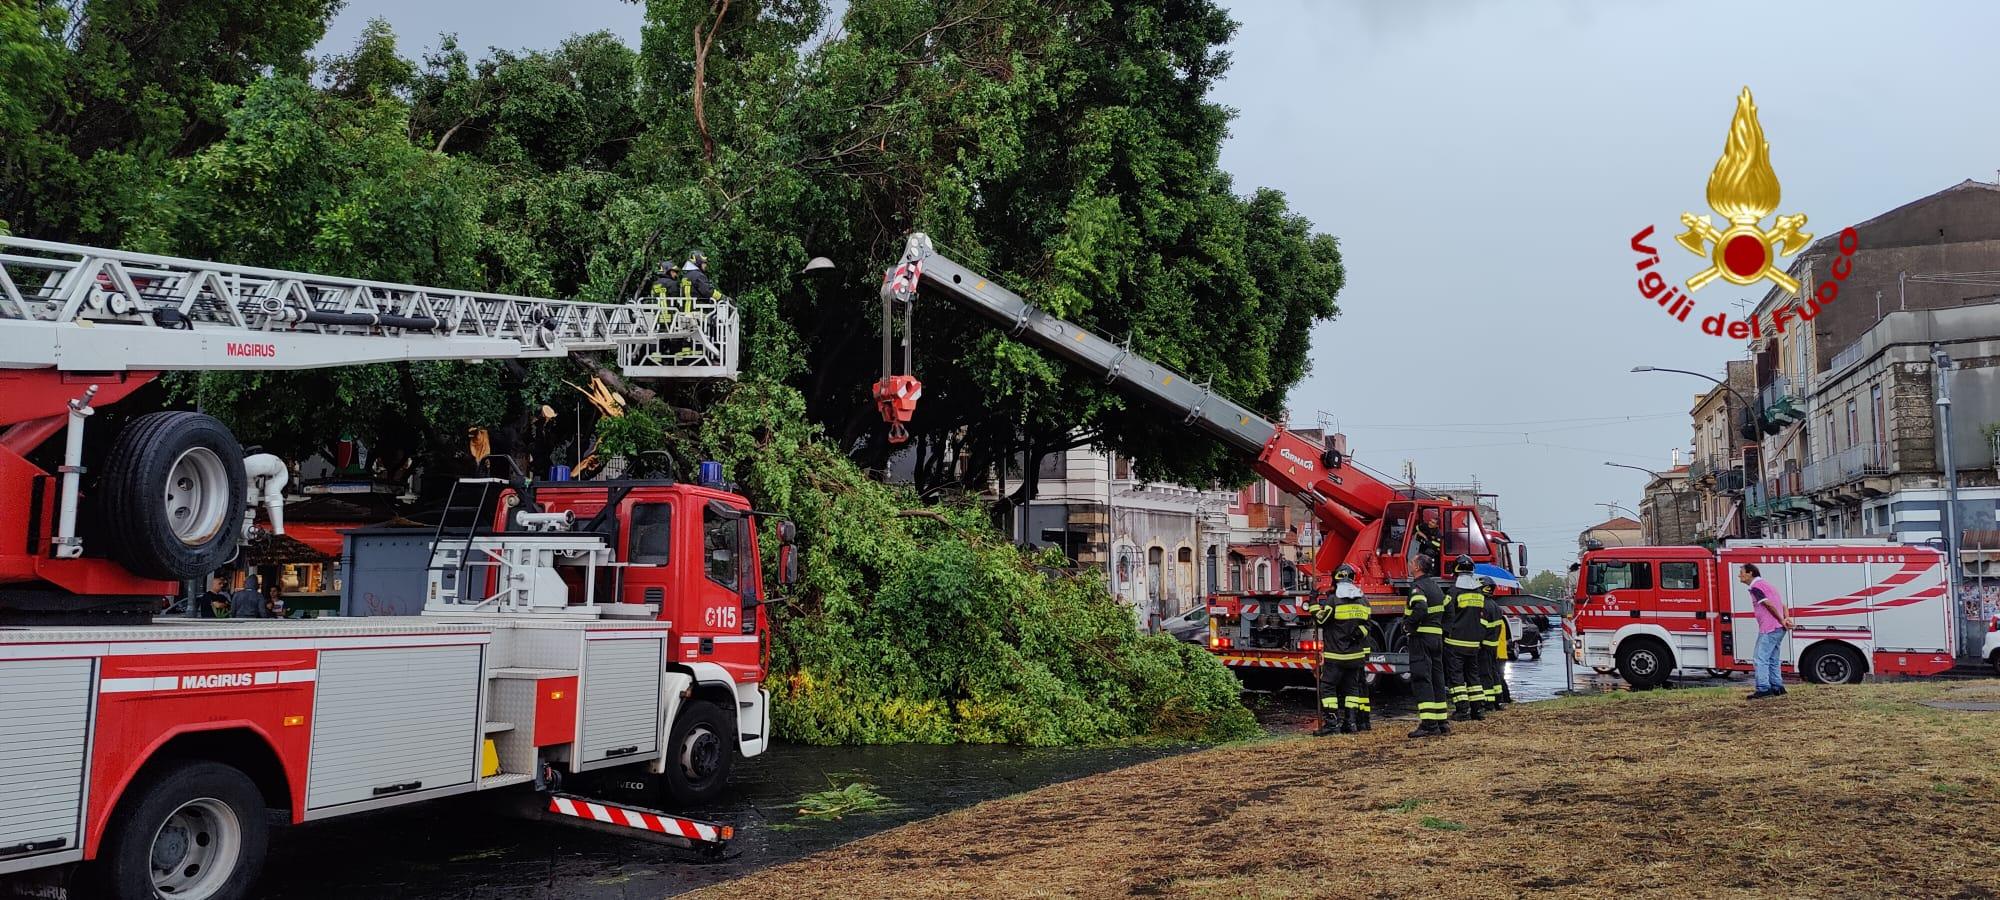 Tromba d'aria anche a Catania: tetti scoperchiati, auto in panne e alberi a terra: centinaia di interventi dei vigili del fuoco – FOTO